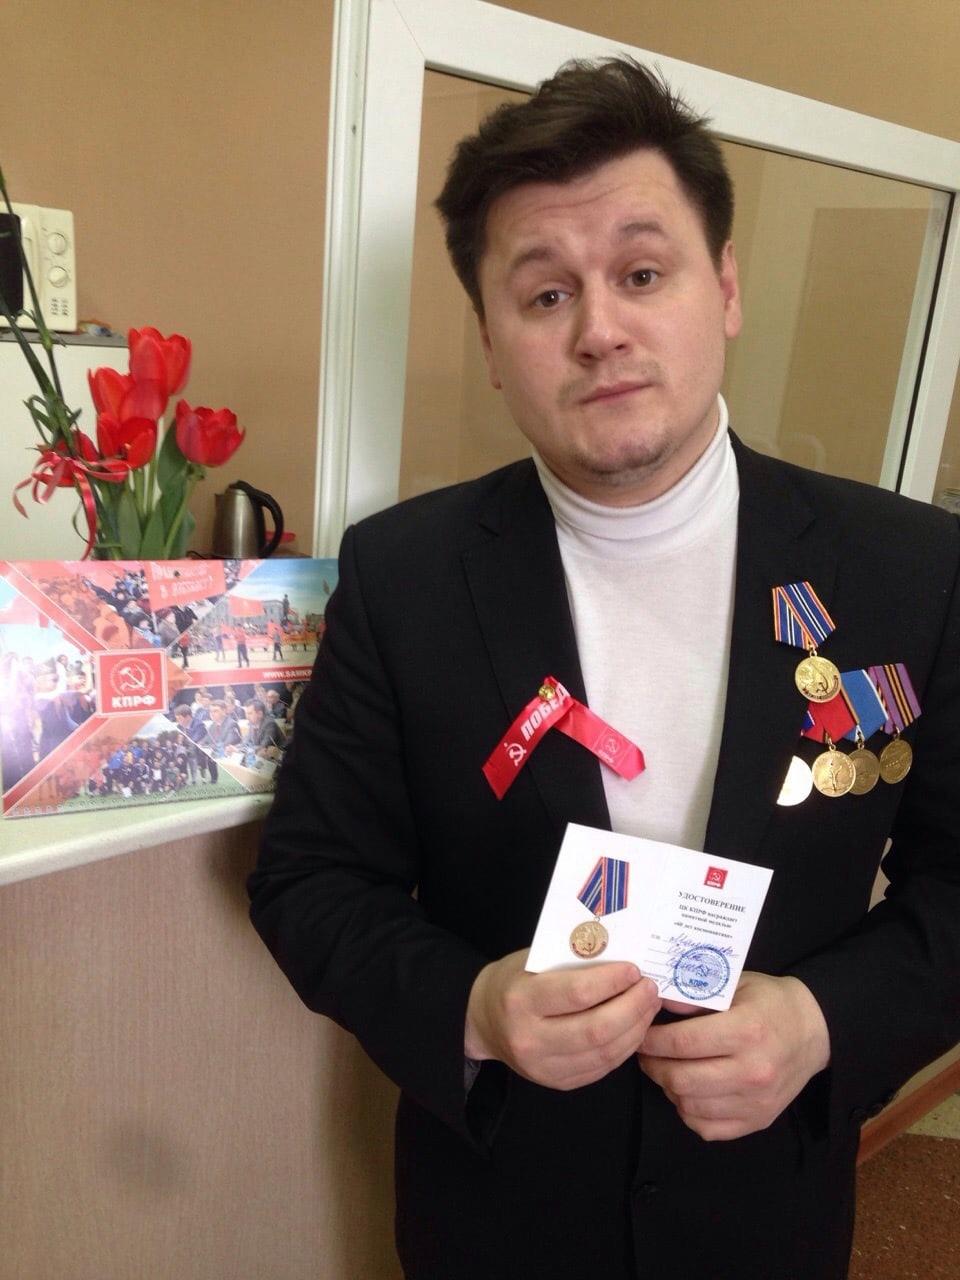 Сергей Малышев актёр Сызранского Драмматического театра